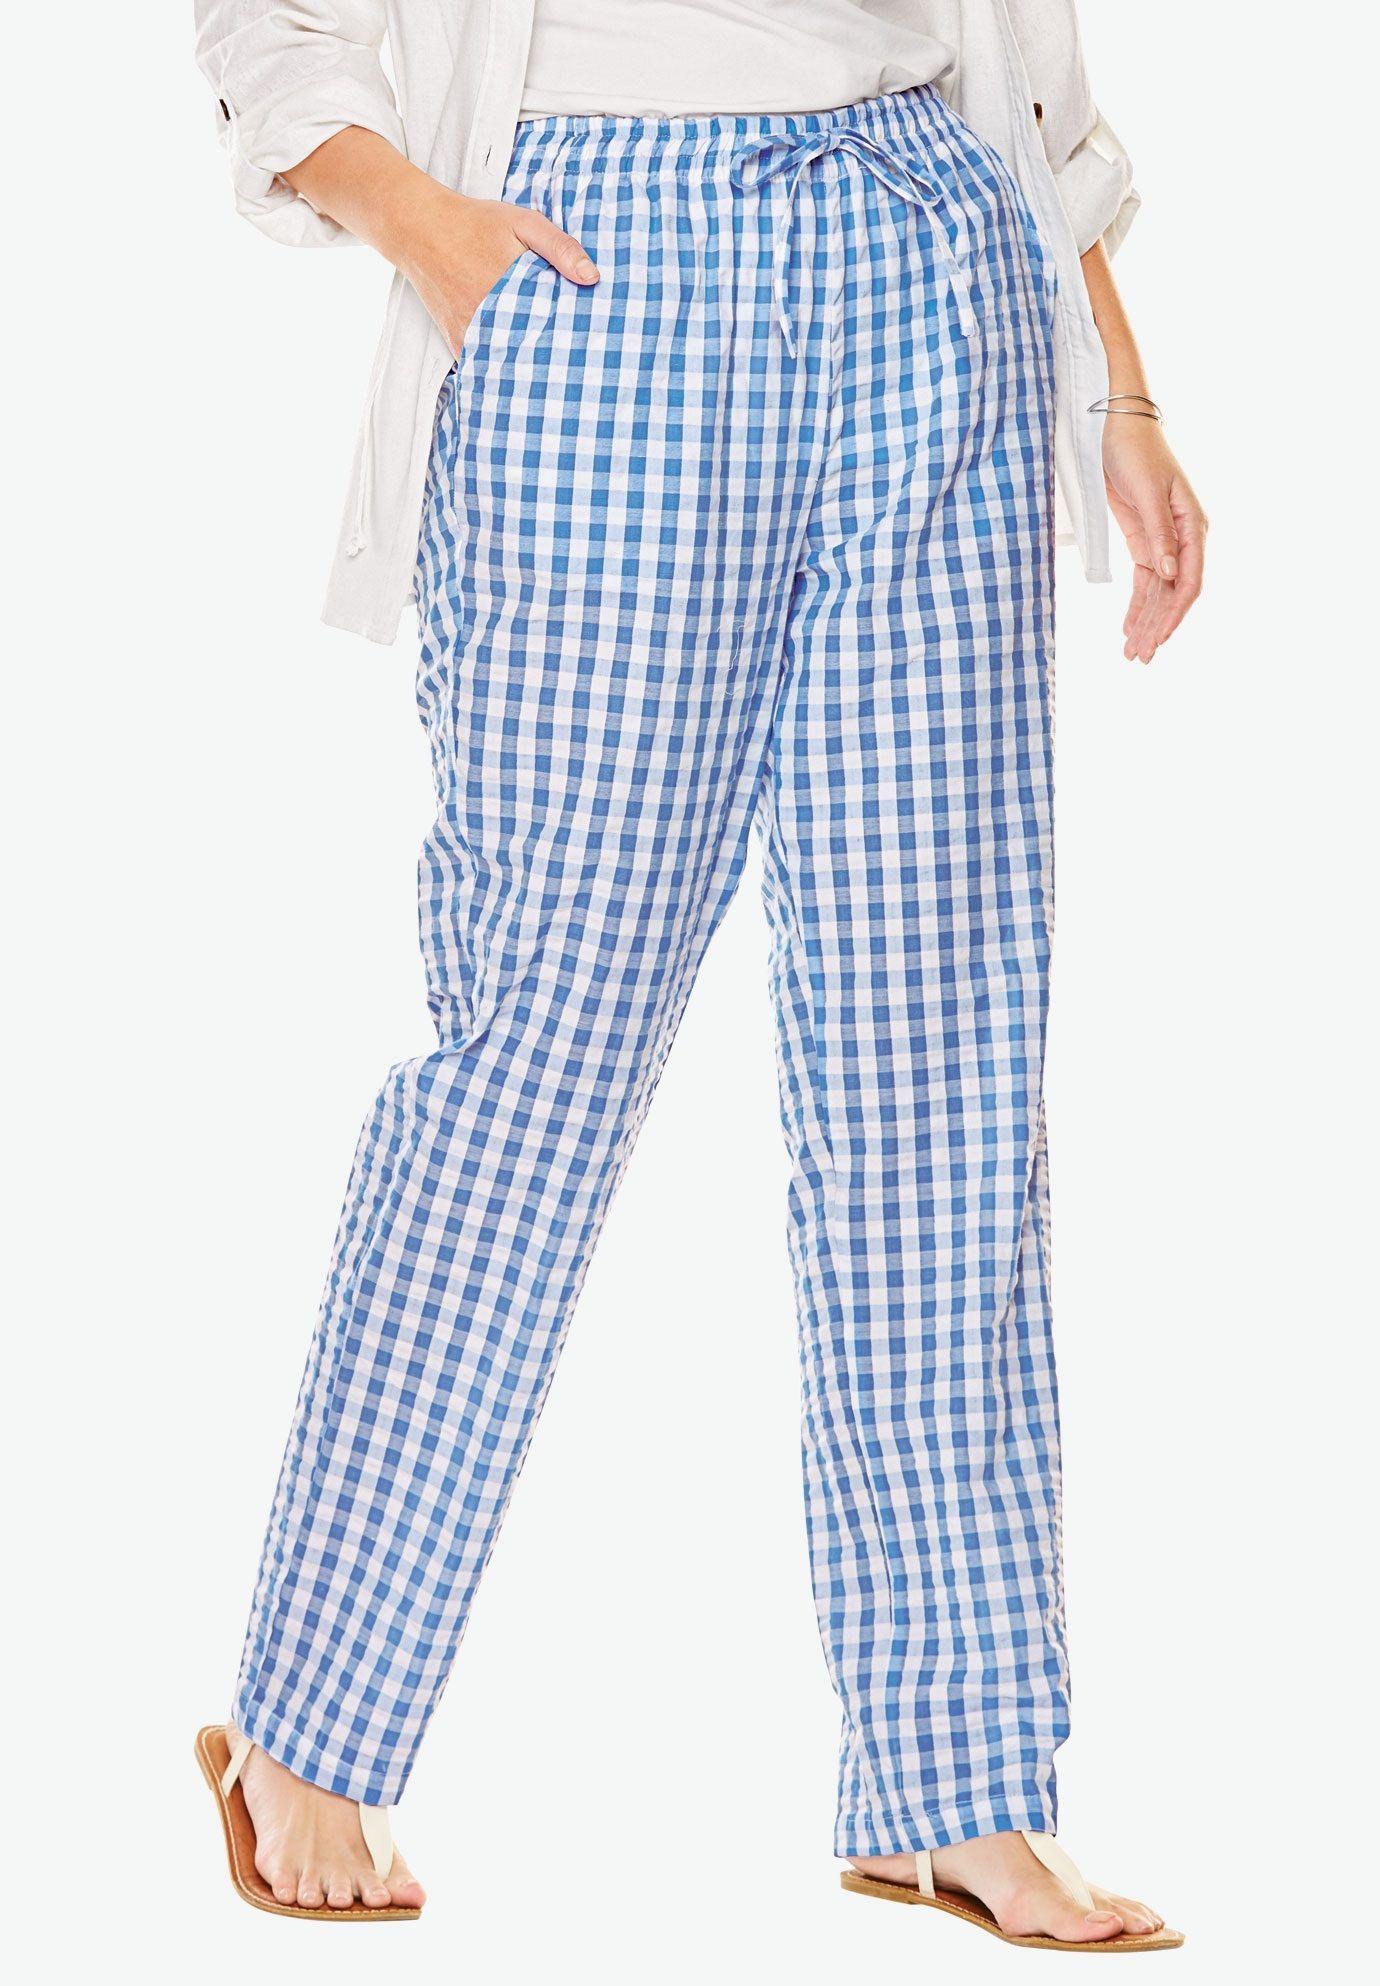 Seersucker Pants Women S Plus Size Clothing Seersucker Pants